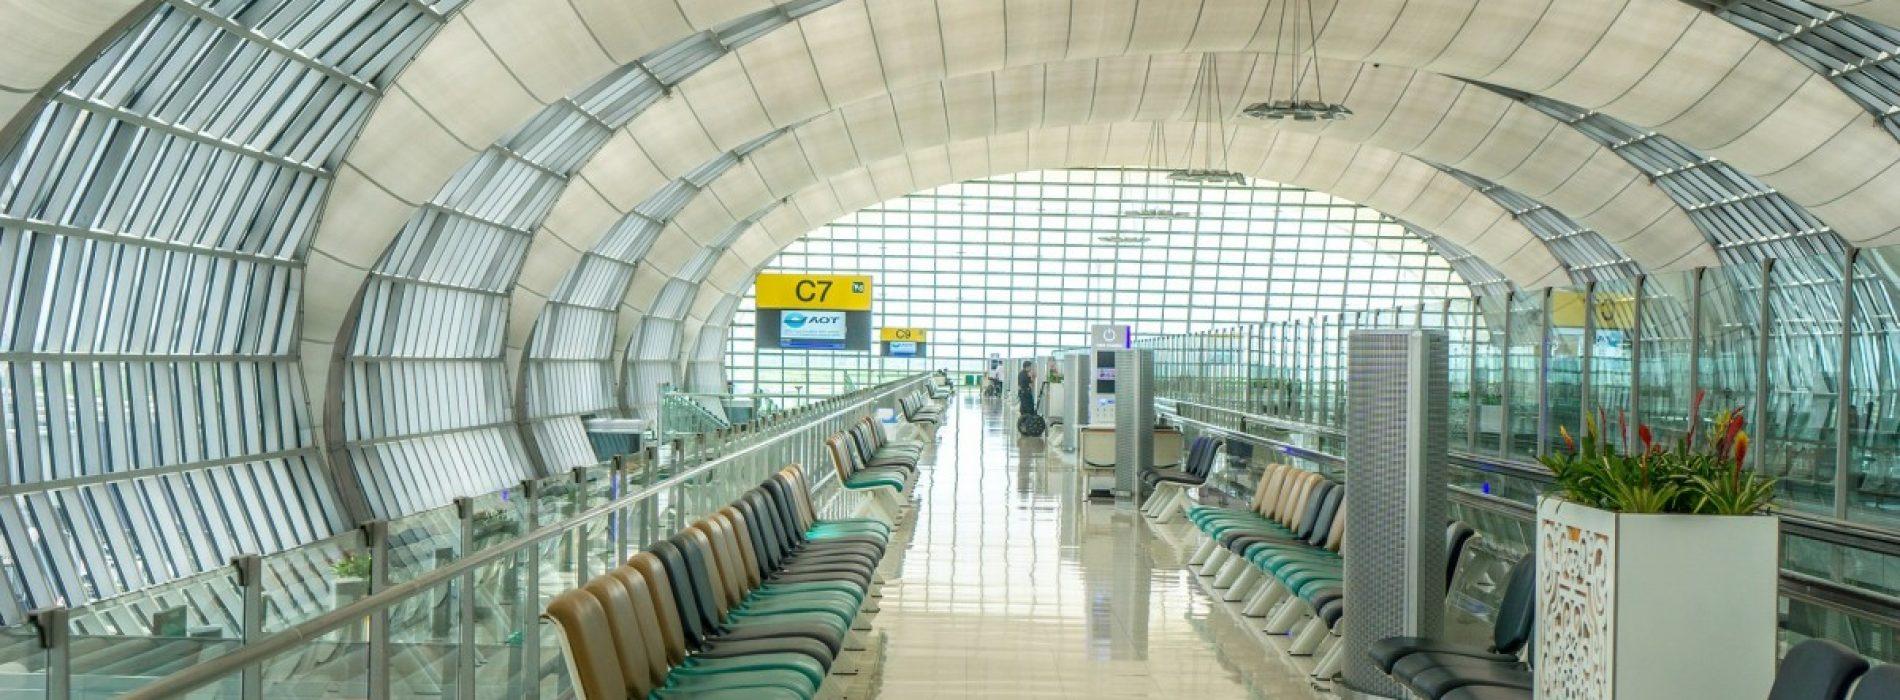 6 greșeli pe care le faci când călătorești cu avionul și care te costă